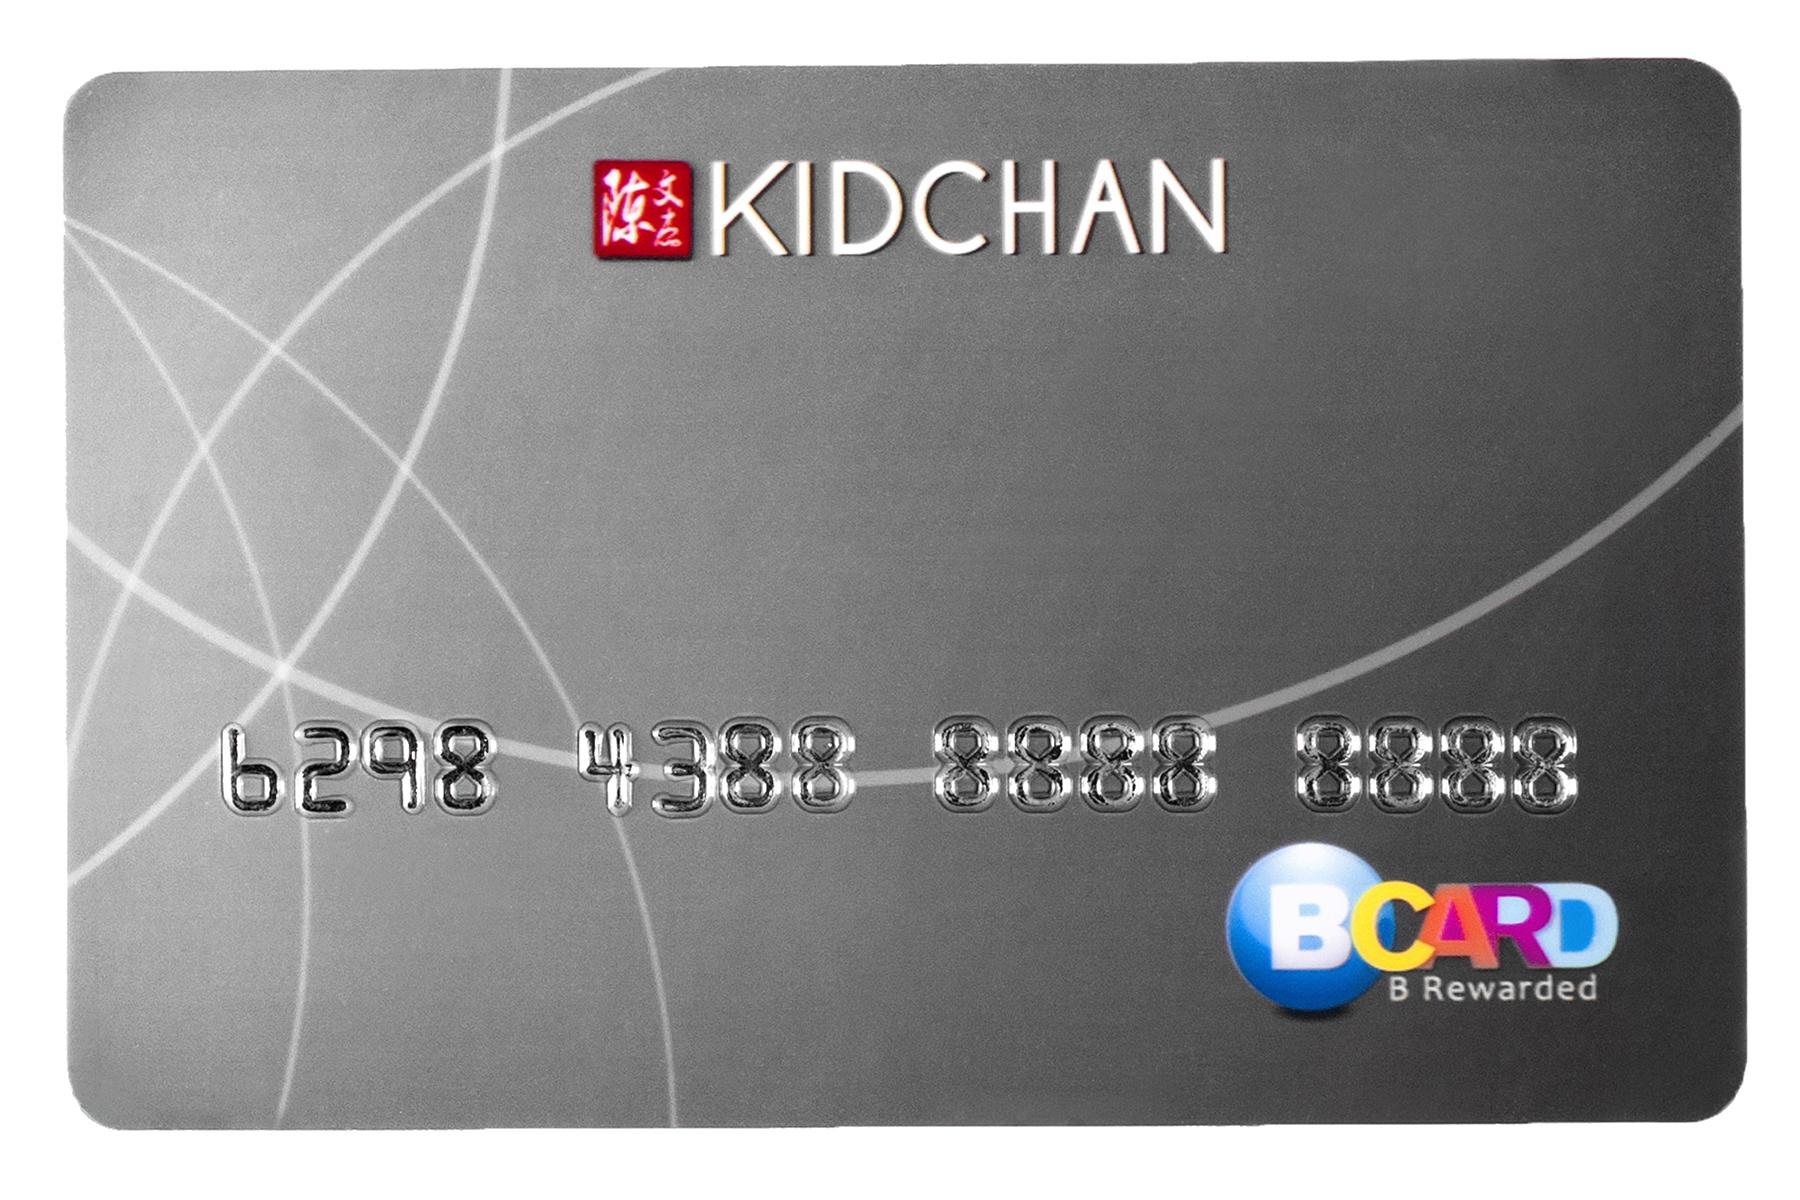 KCS Bcard